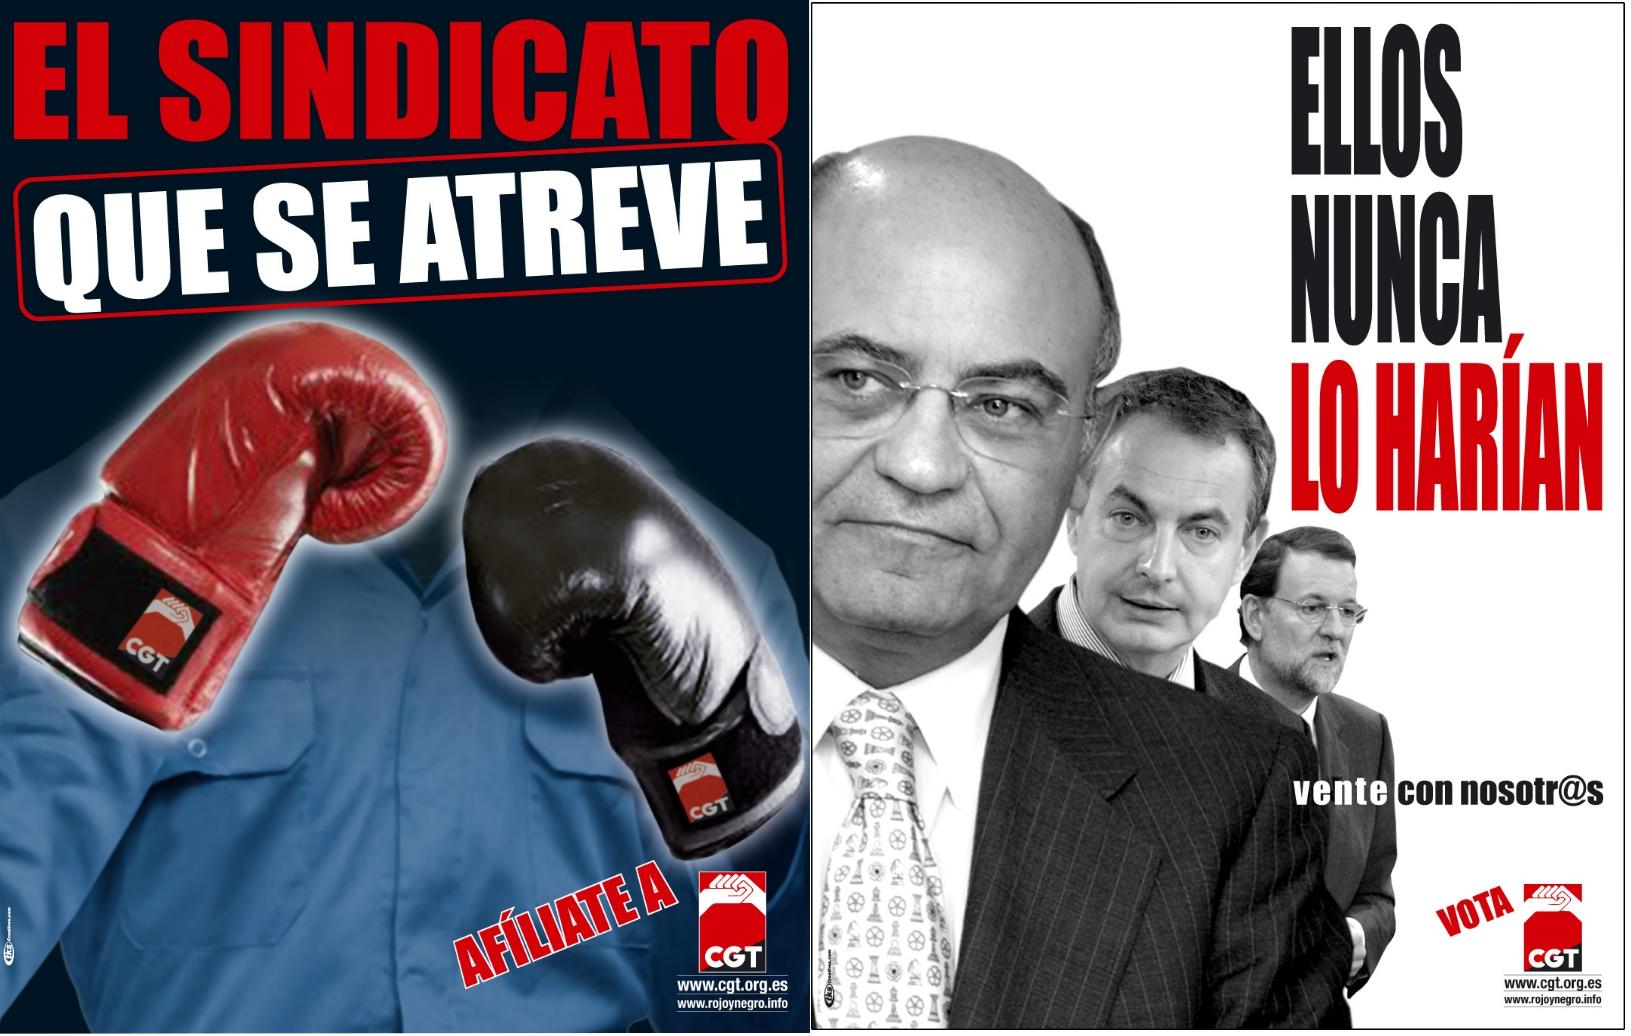 Campaña CGT Expansión y Elecciones Sindicales